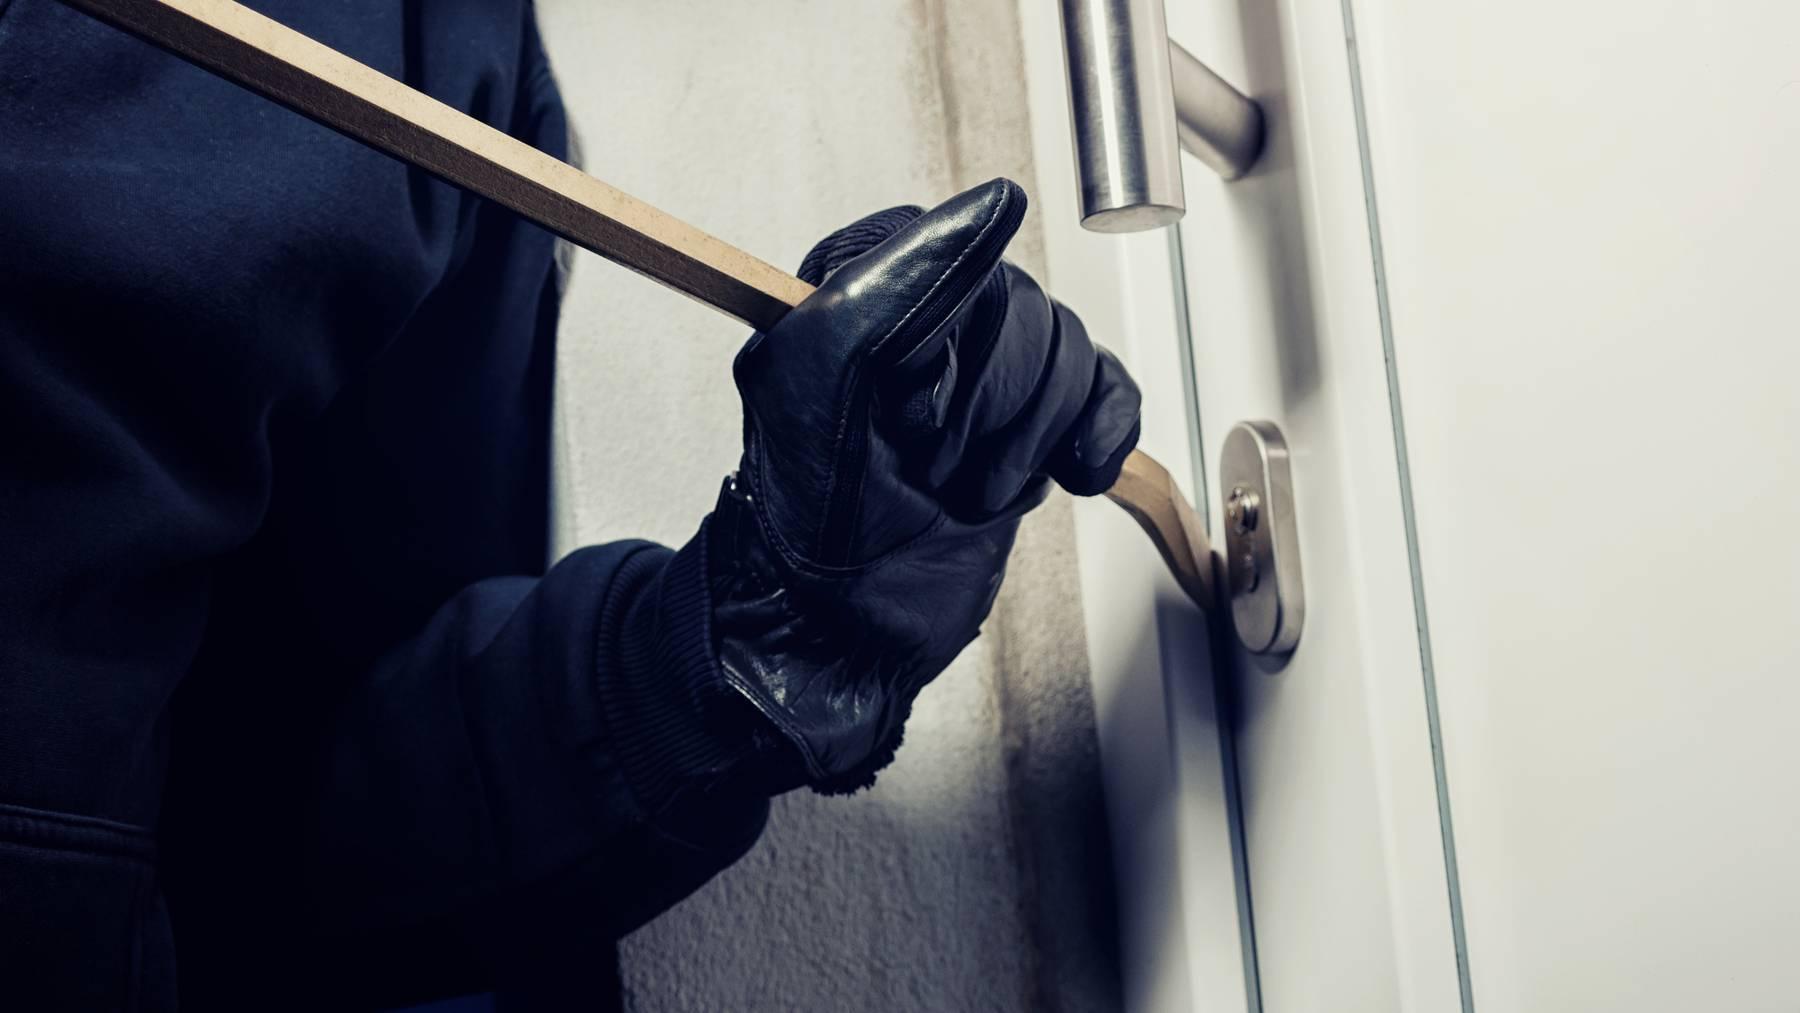 Das Schweizer Einbrecher-Duo ist für über 50 Delikte verantwortlich. (Symbolbild)